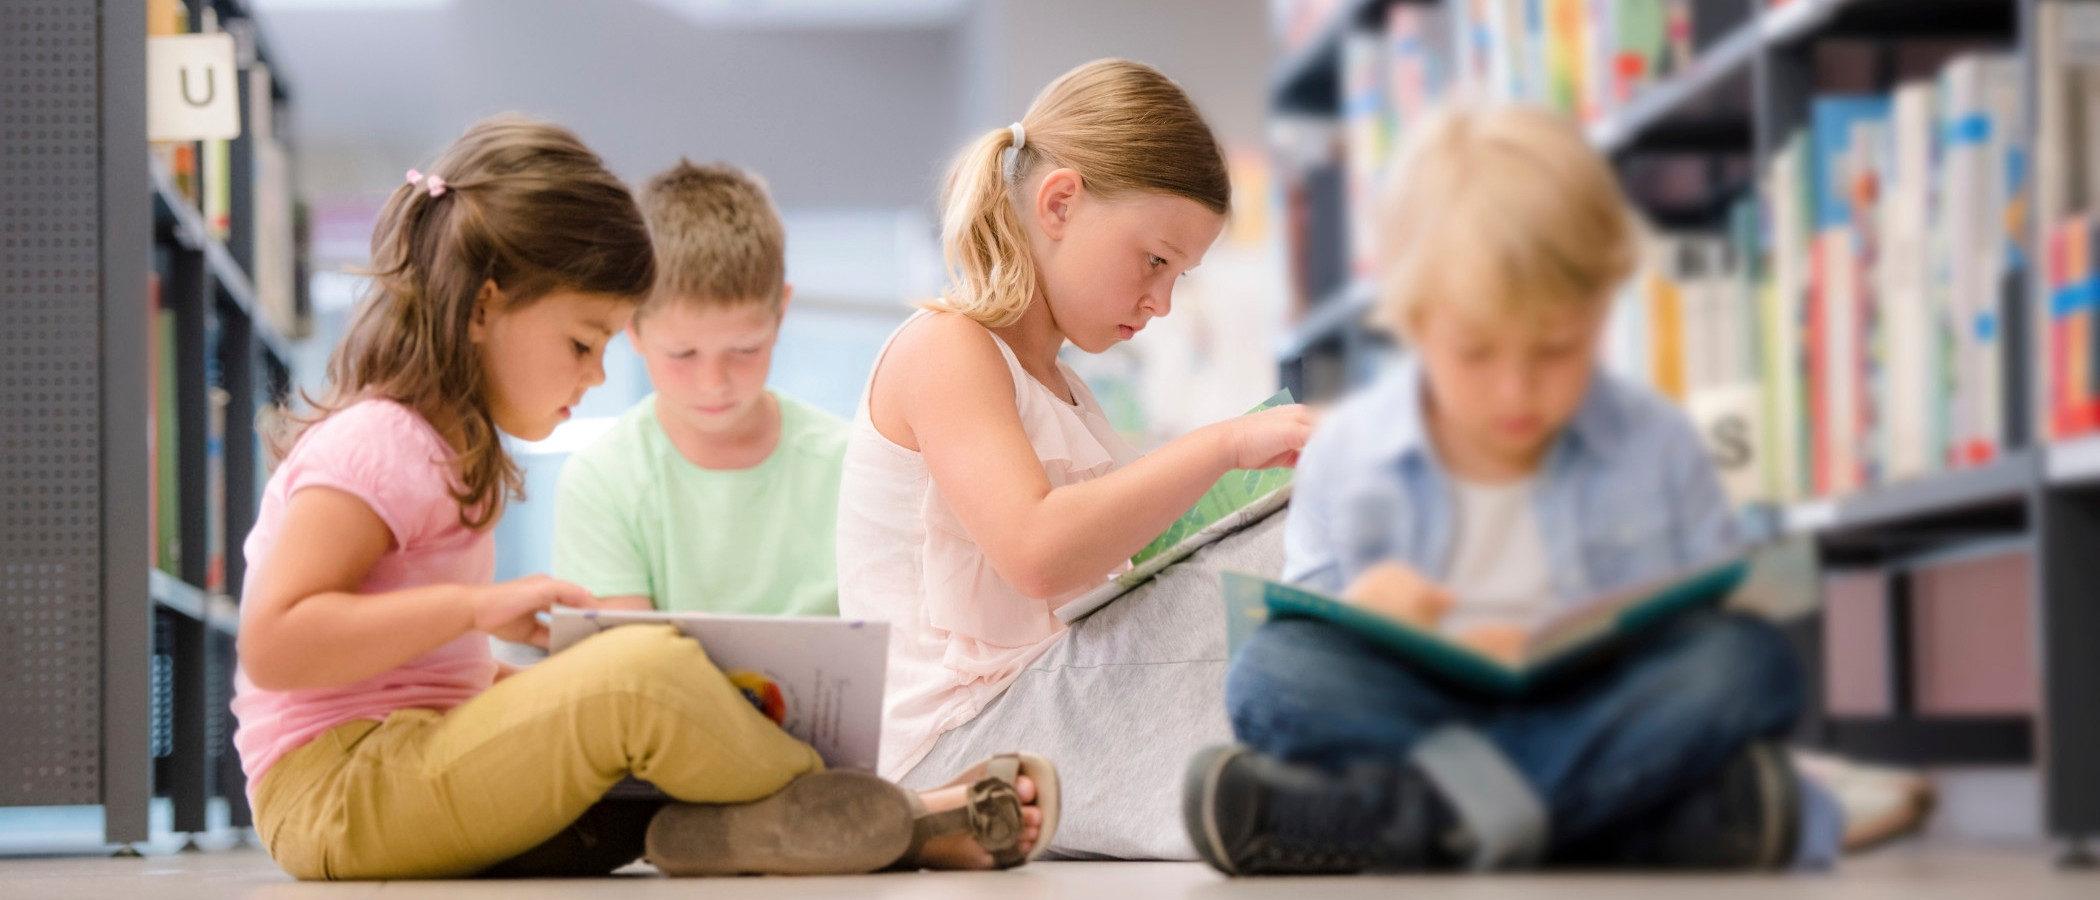 4 cuentos infantiles para enseñar valores a los niños